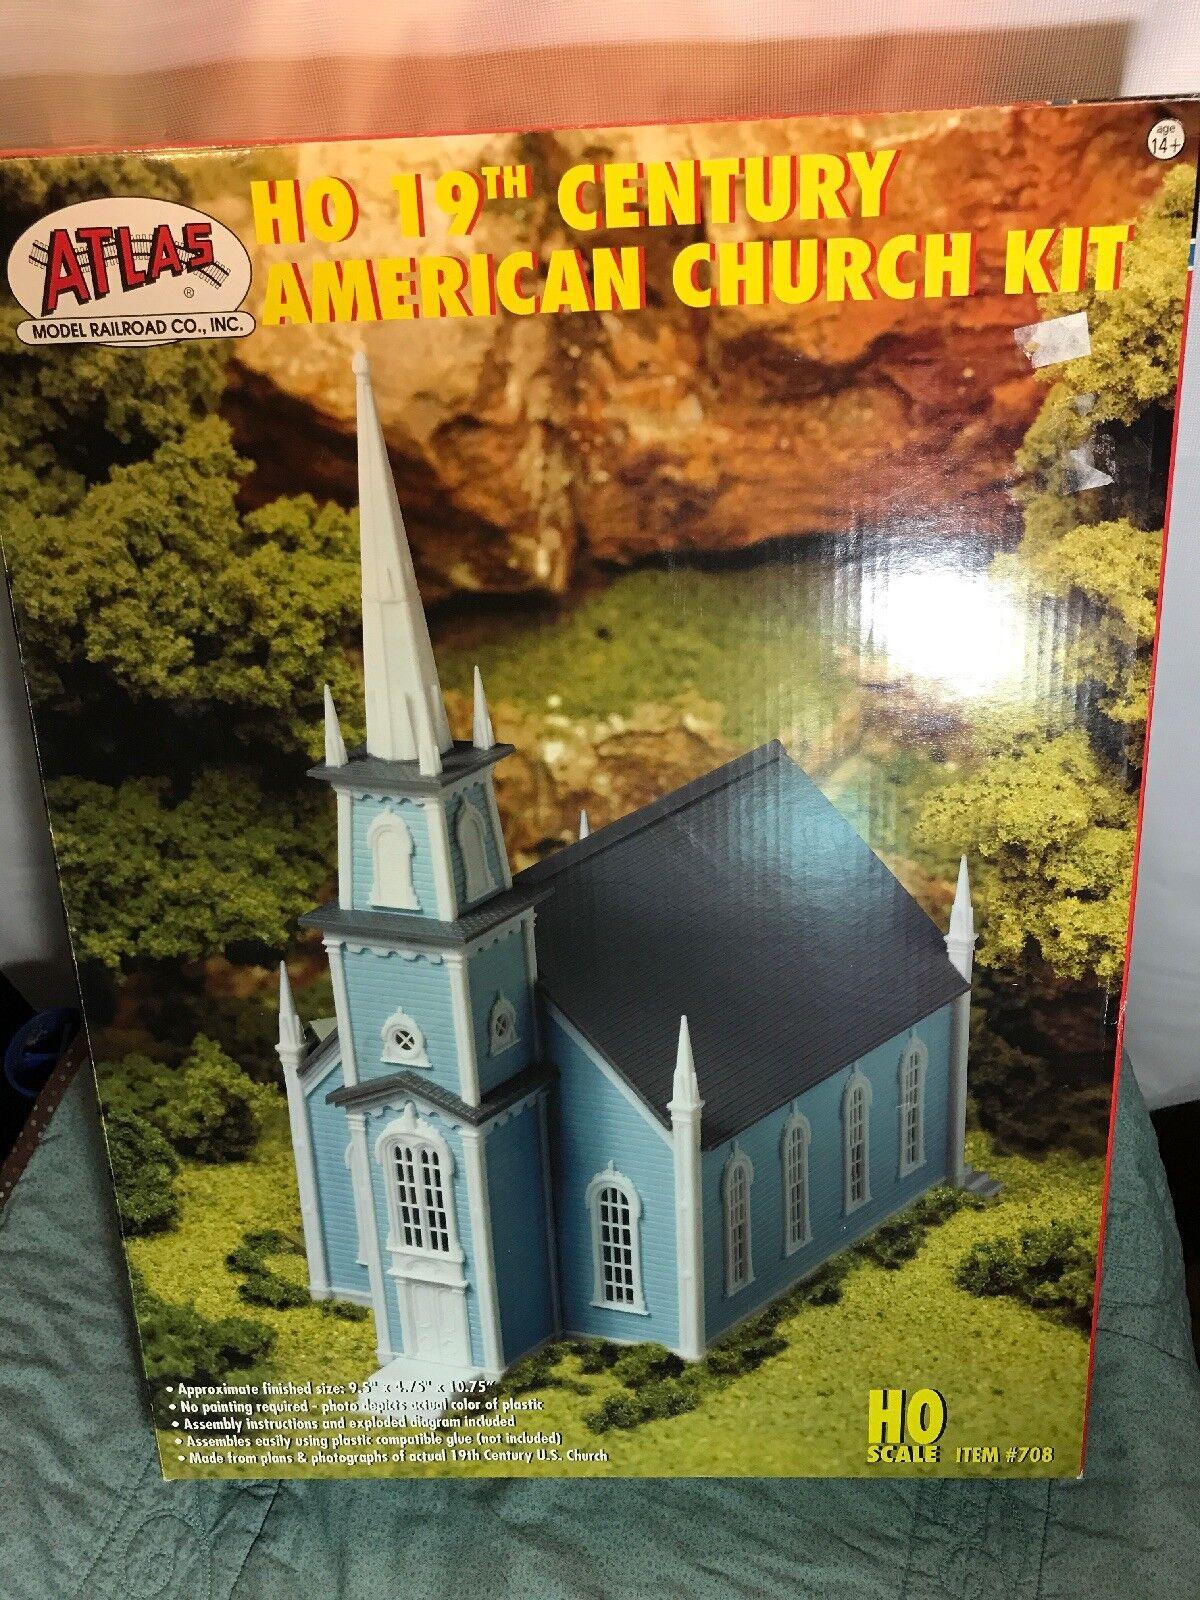 Atlas   708 Ho Kit 19th Century Iglesia Americano Nuevo  muy bonito  (NOB)